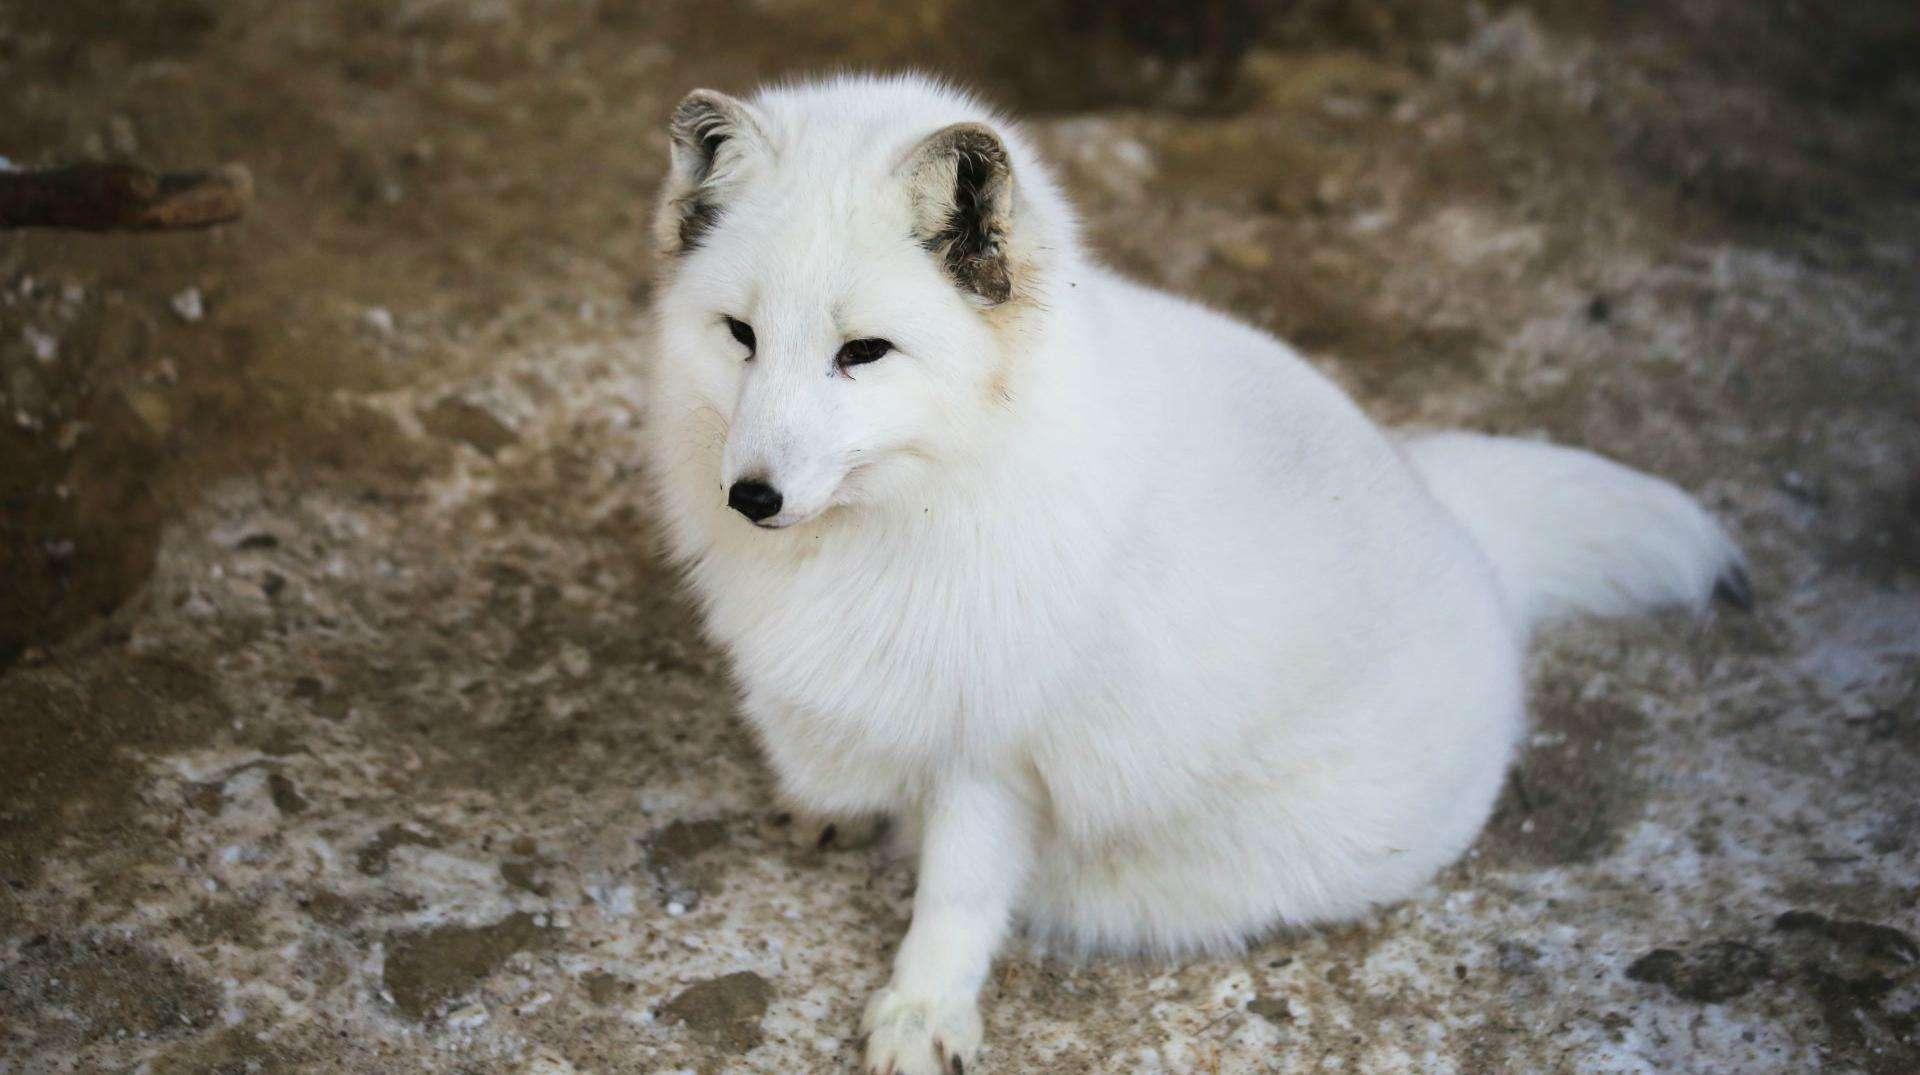 女人梦见一只白色狐狸 女人梦见白狐狸好不好